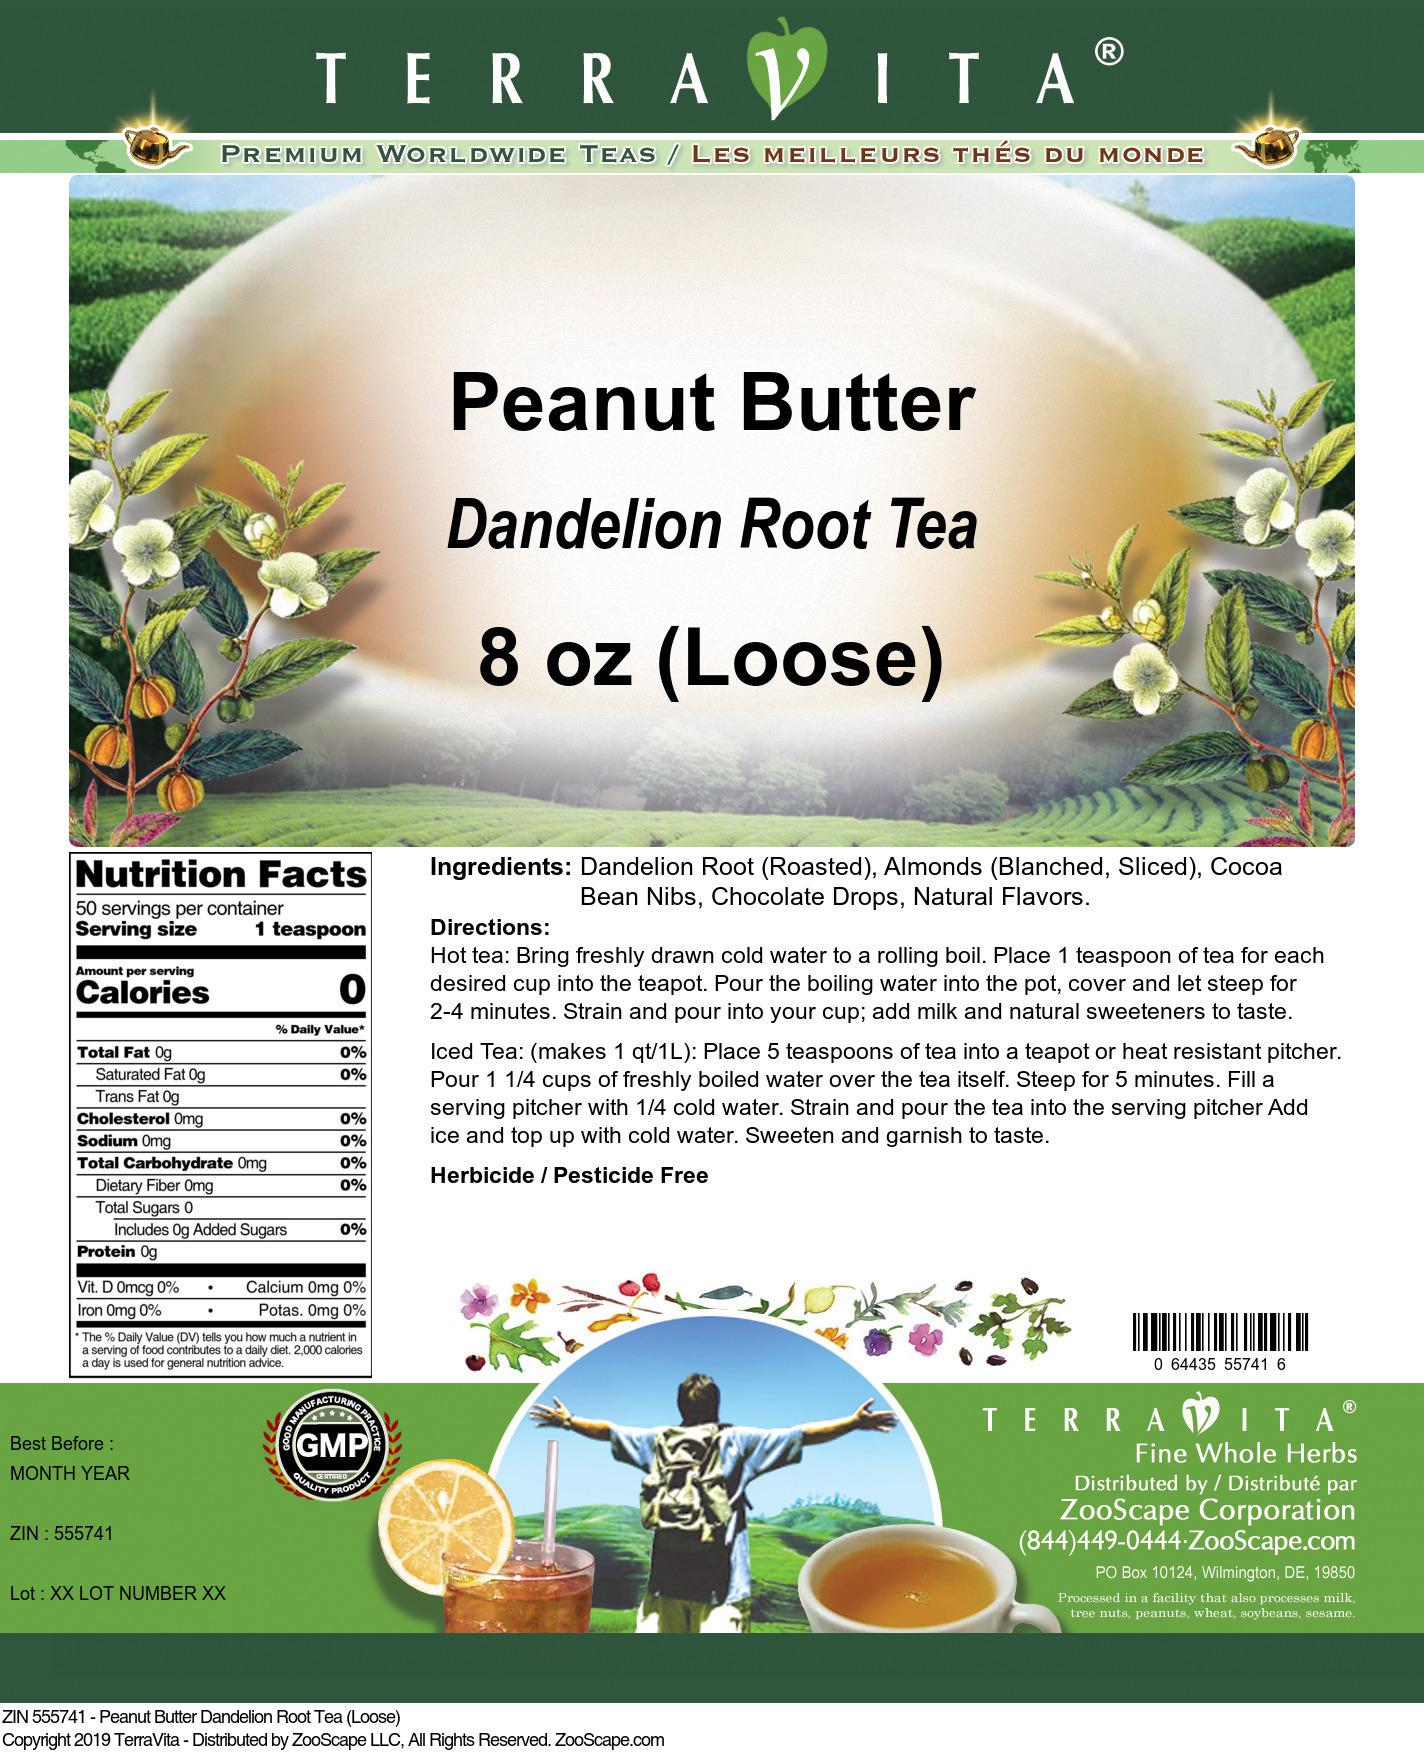 Peanut Butter Dandelion Root